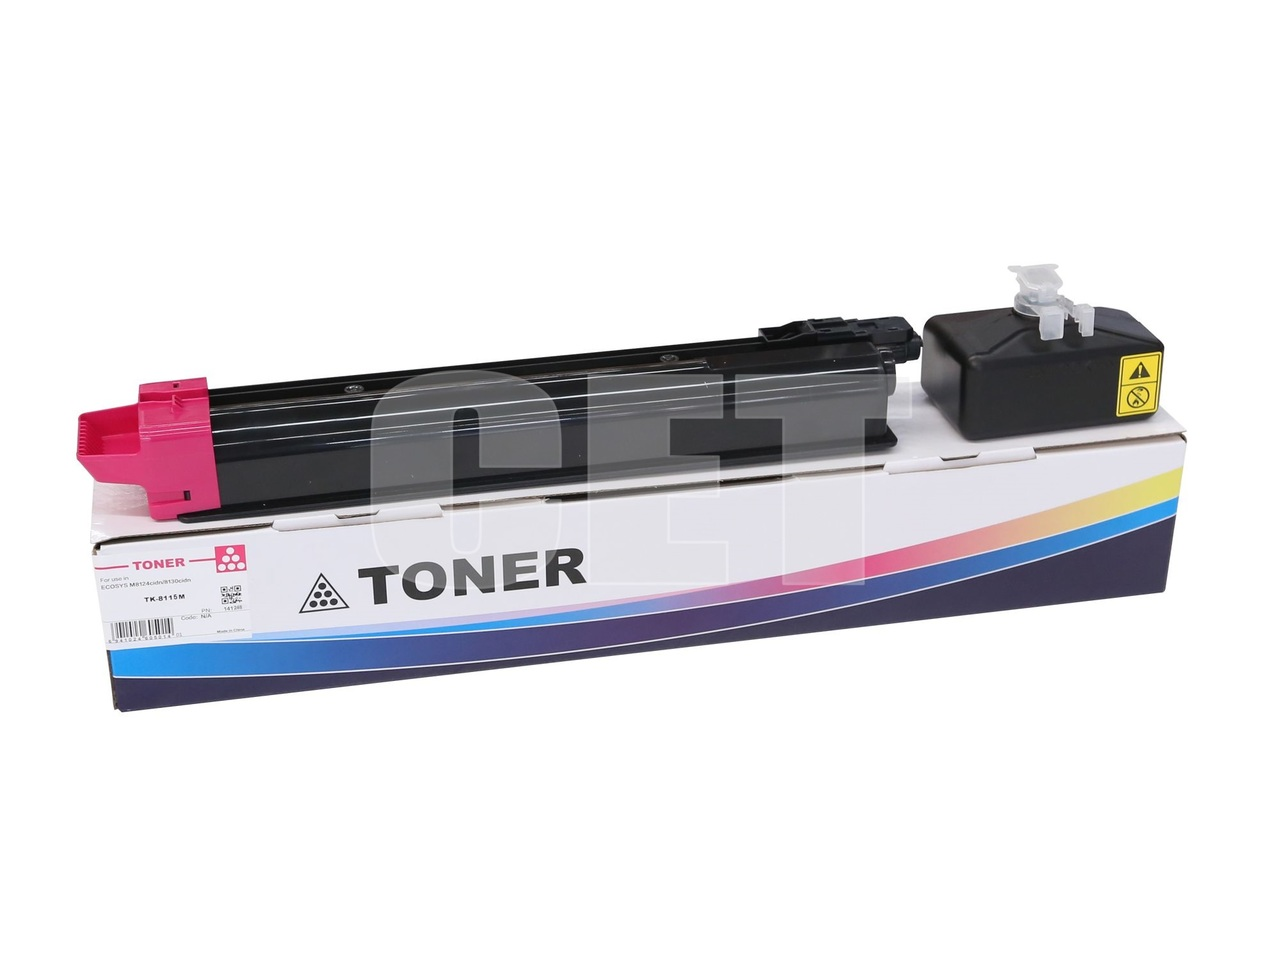 Тонер-картридж (PK207) TK-8115M для KYOCERA ECOSYSM8124cidn/8130cidn (CET) Magenta, 105г, 6000 стр., CET141248